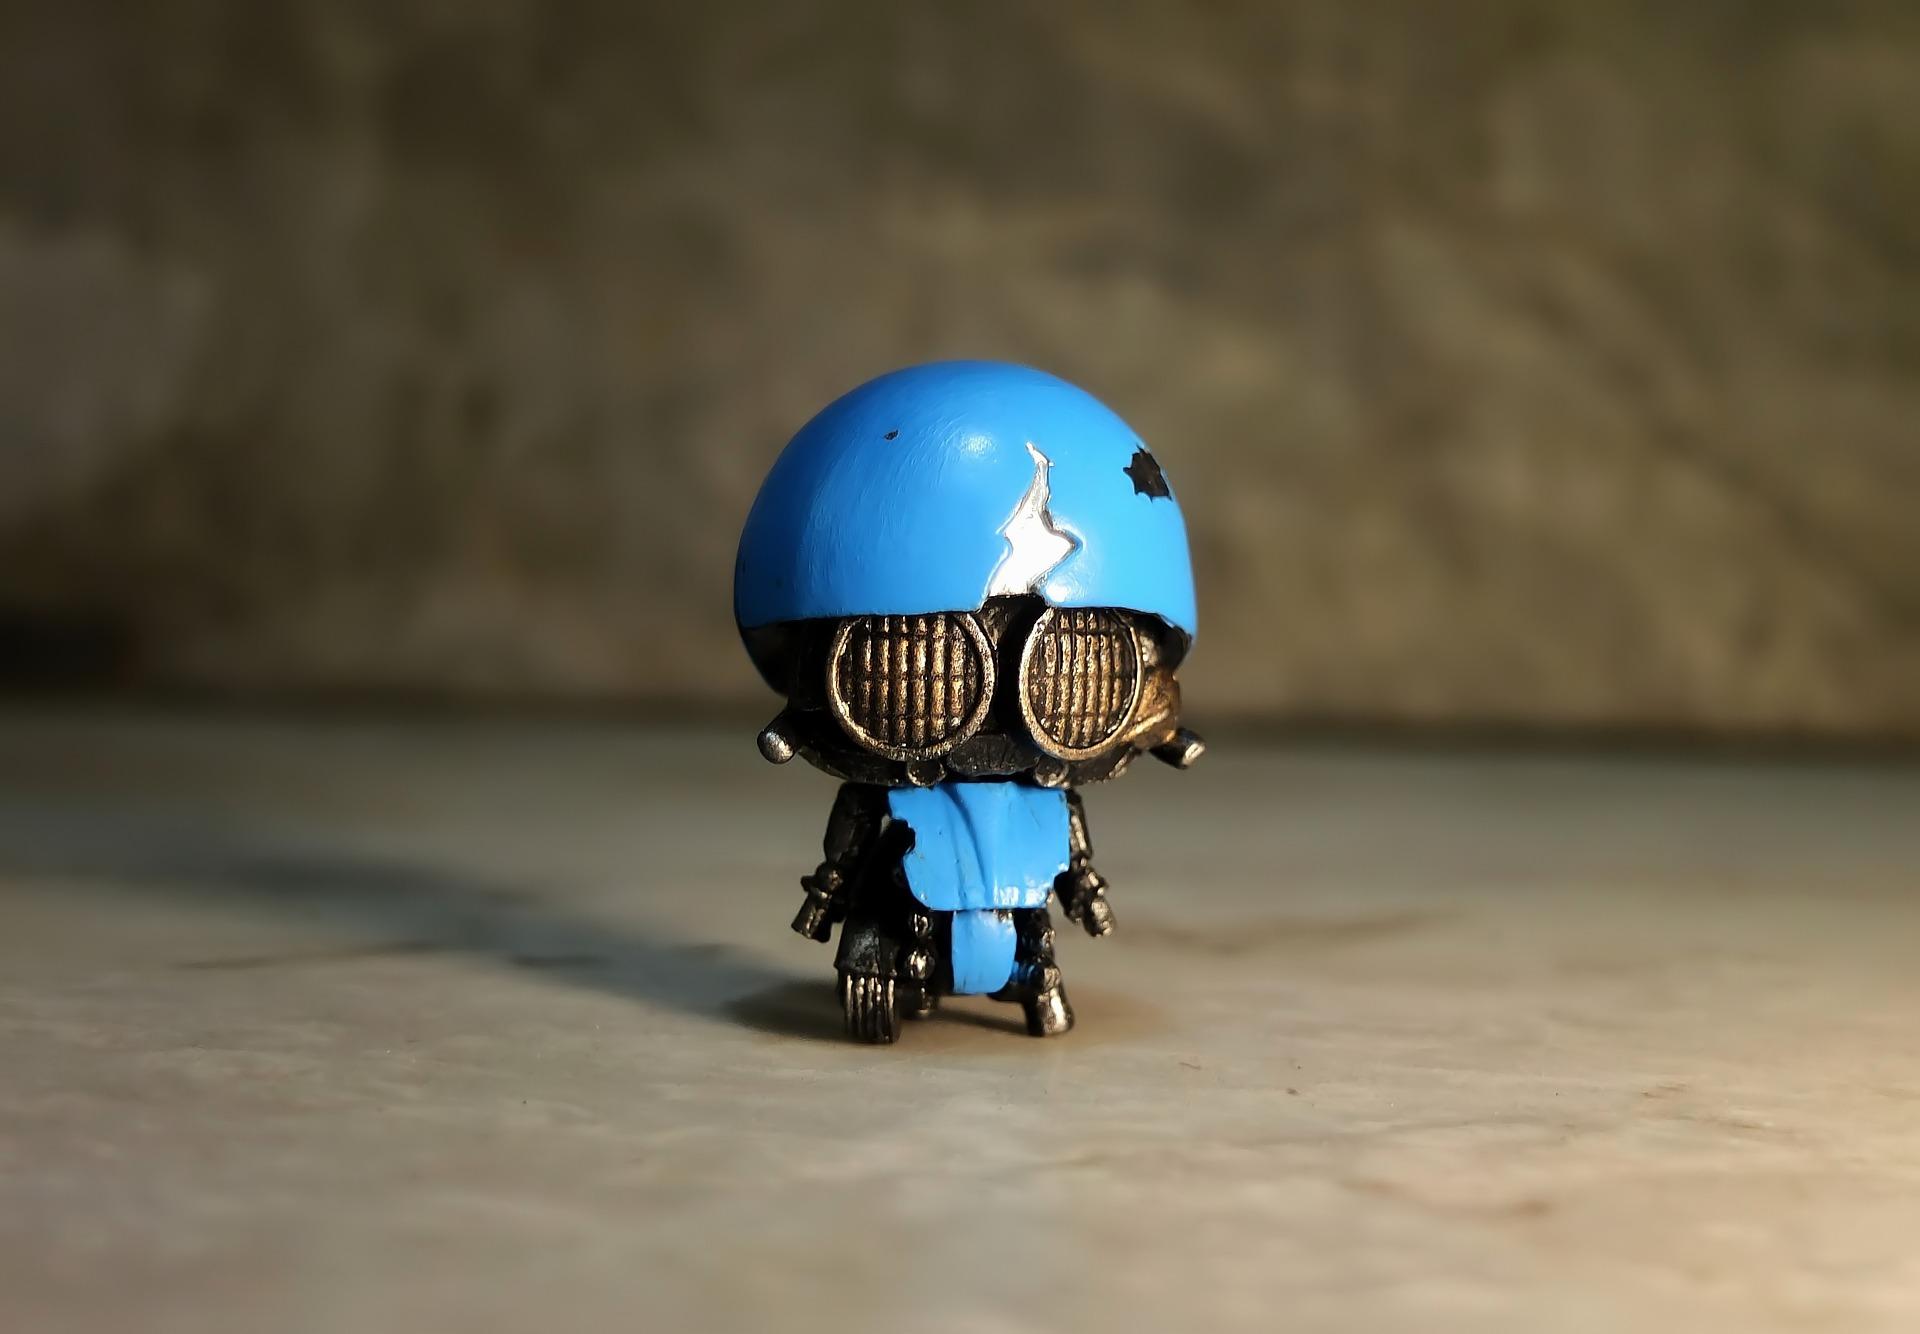 RoboSfera bez Barier